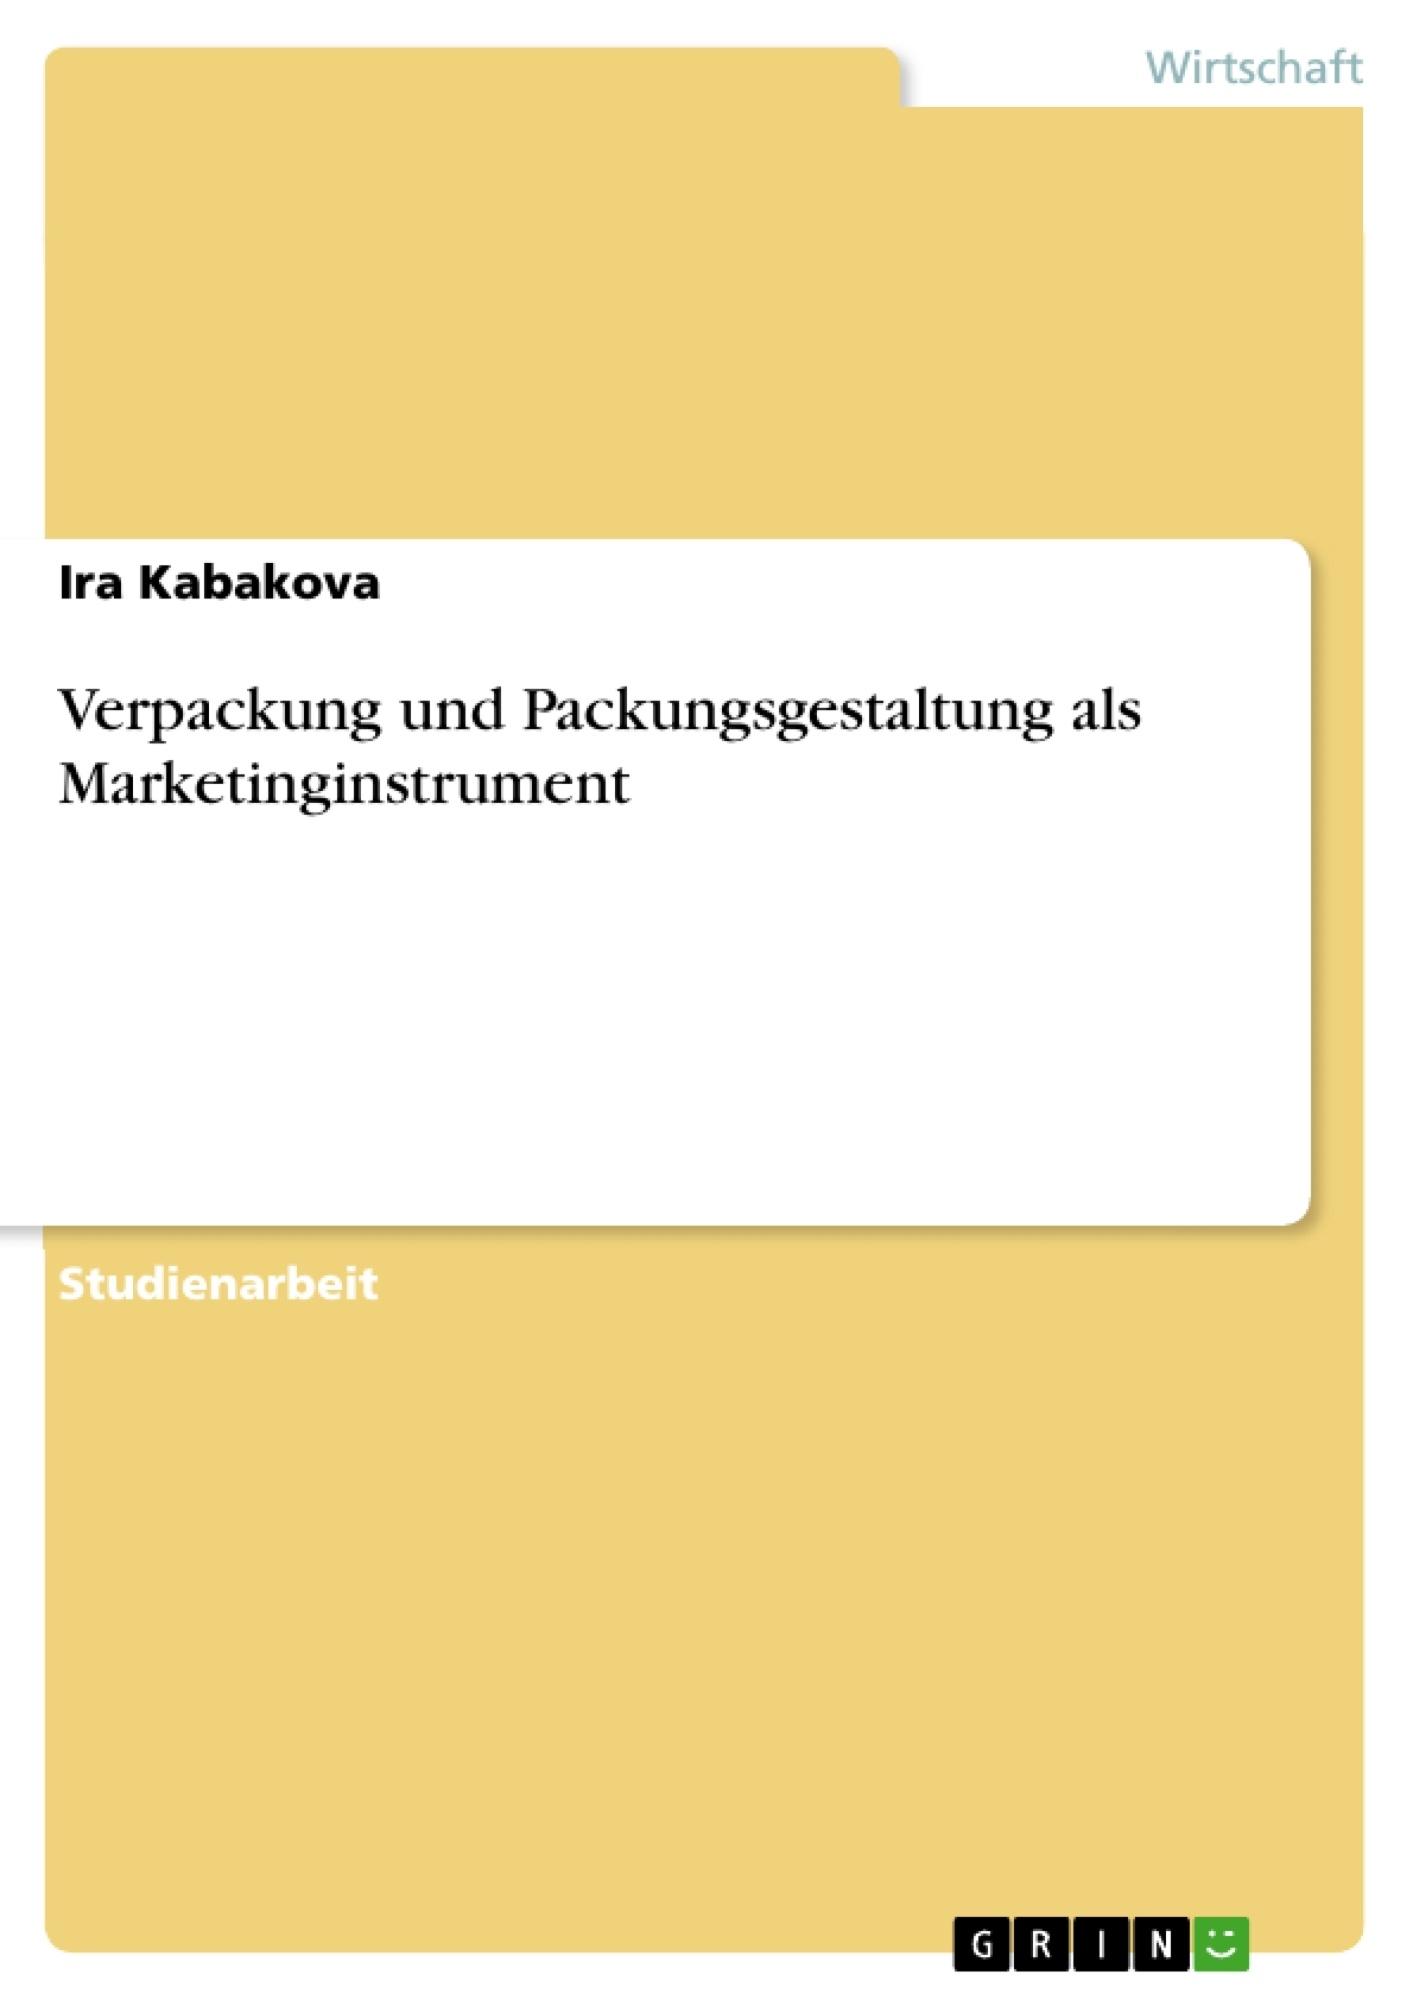 Titel: Verpackung und Packungsgestaltung als Marketinginstrument